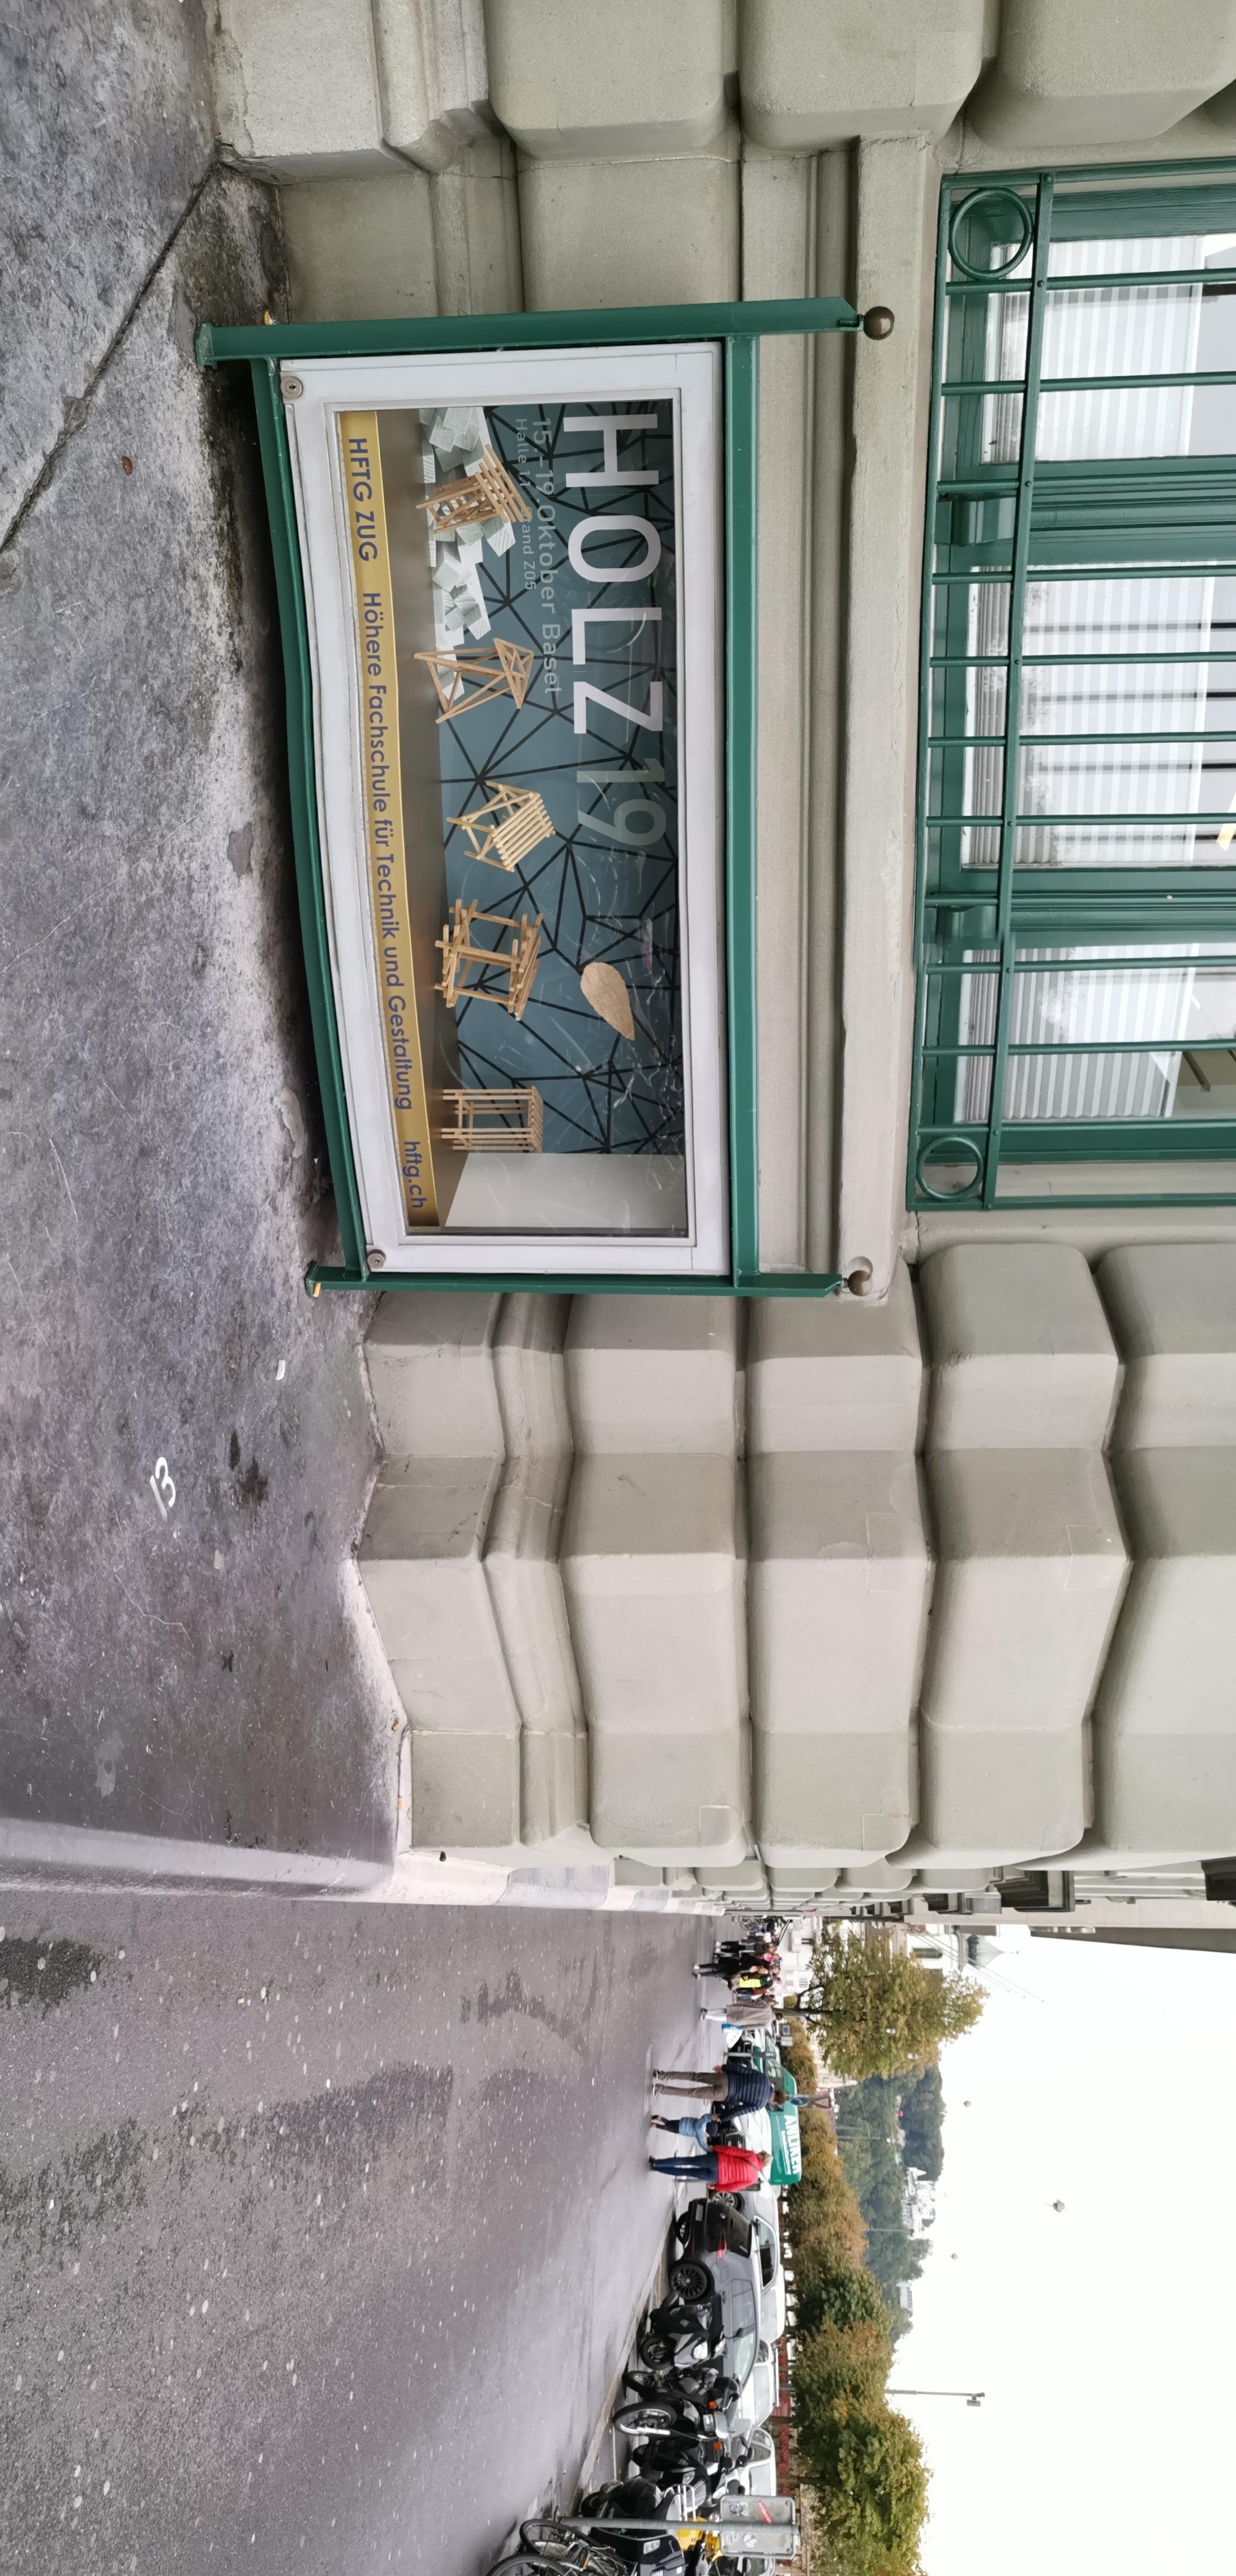 Bespielung Schaukasten Luzern